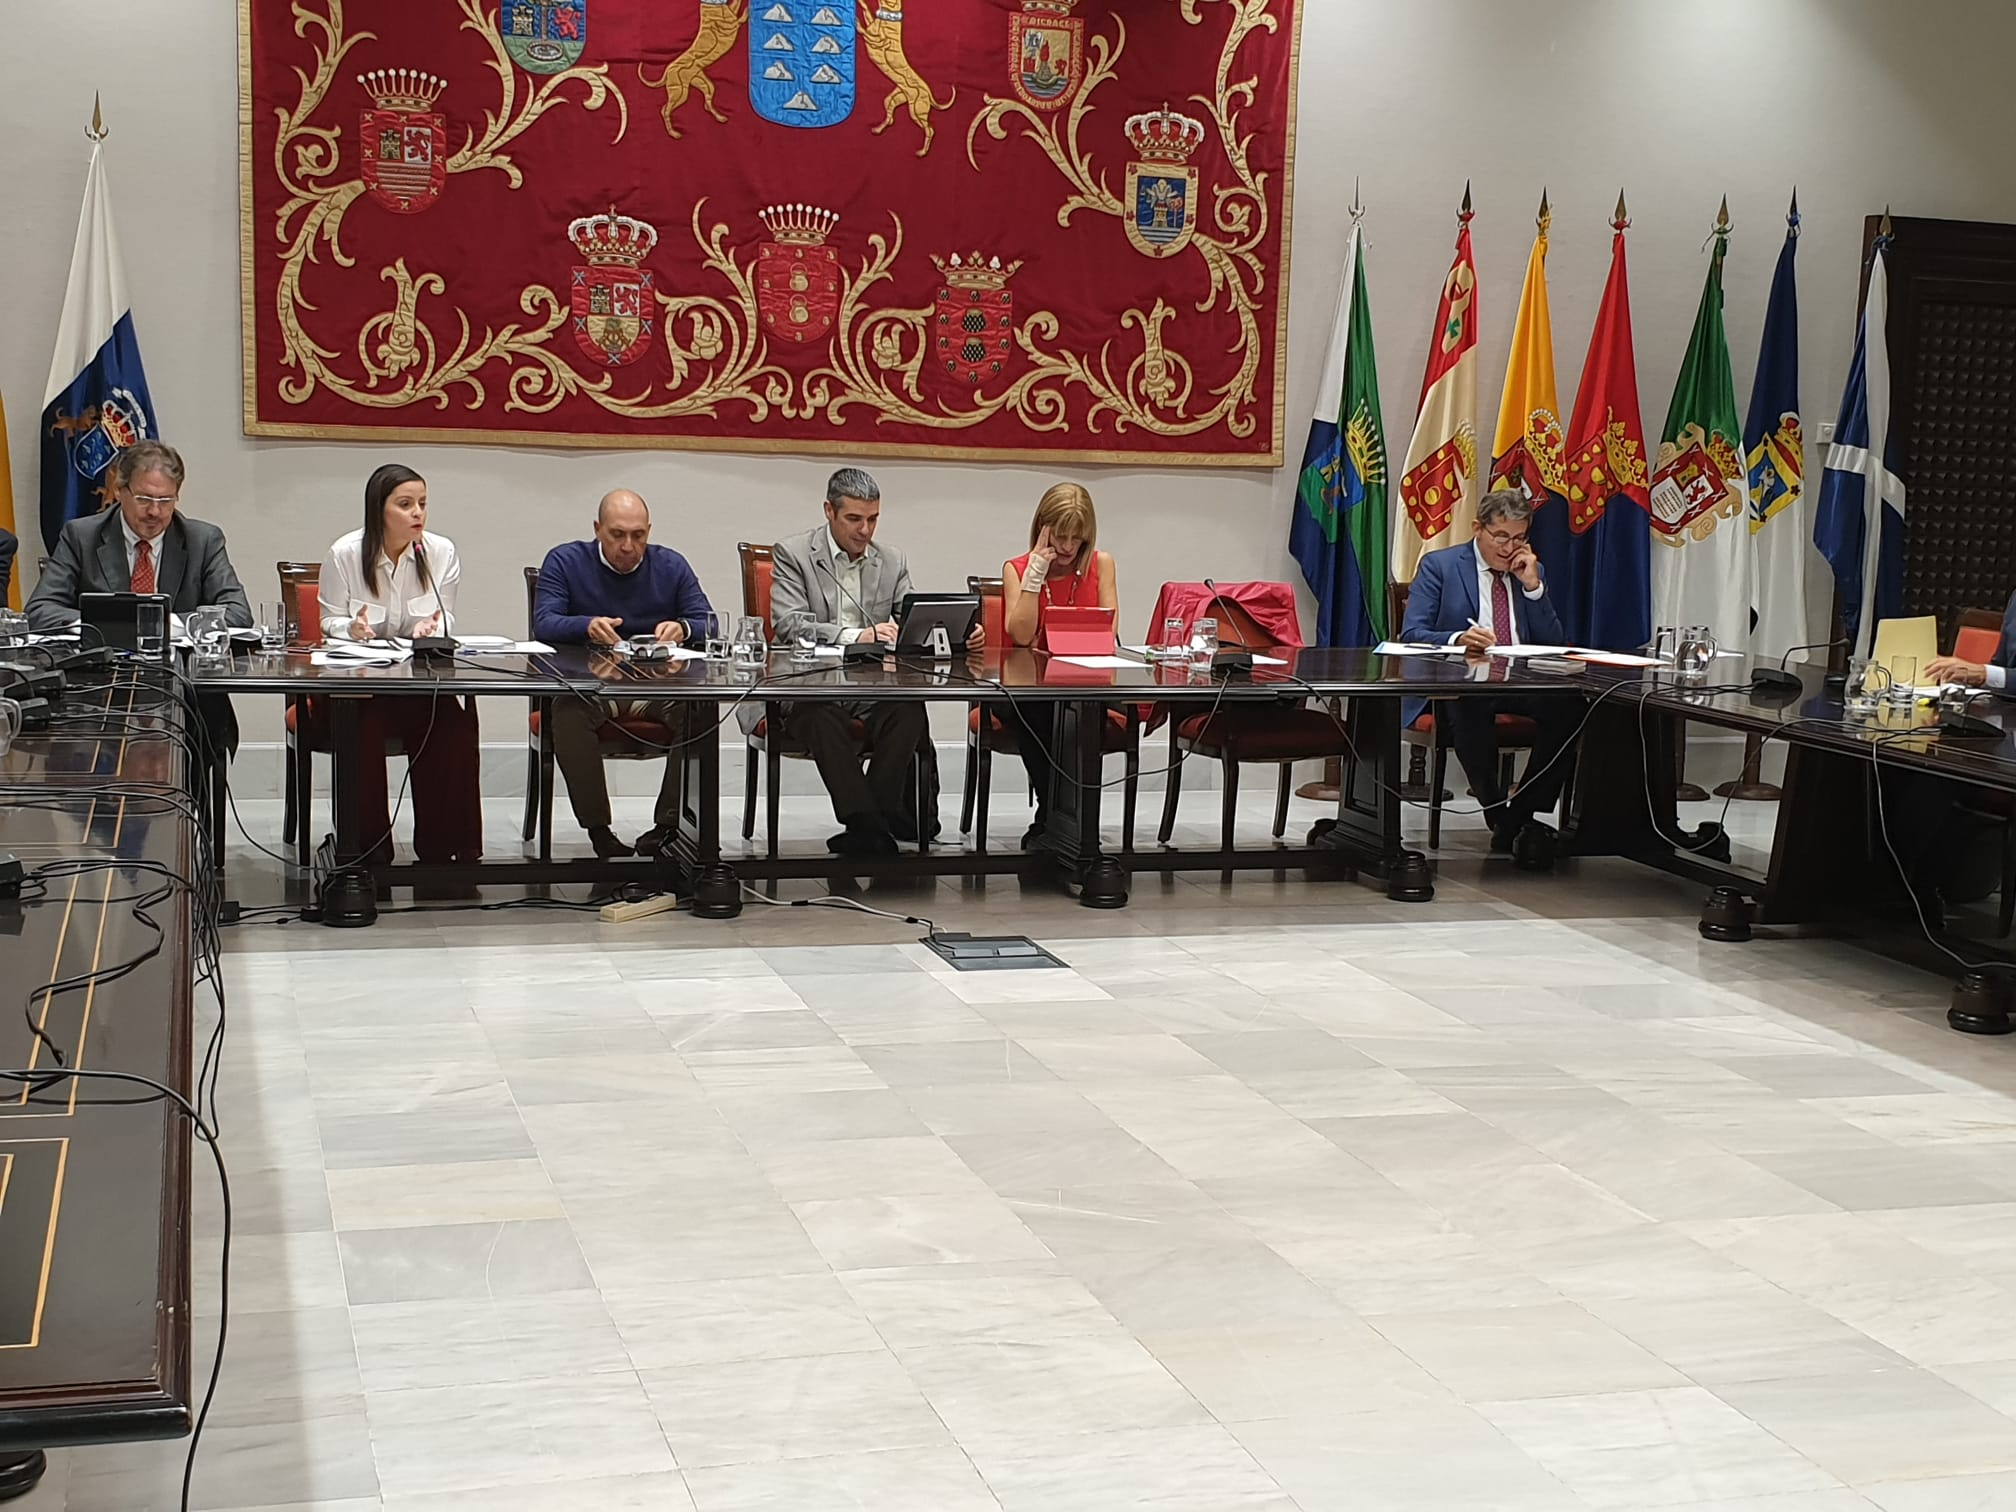 Imagen de la consejera de Turismo en Comisión Prespuestaria